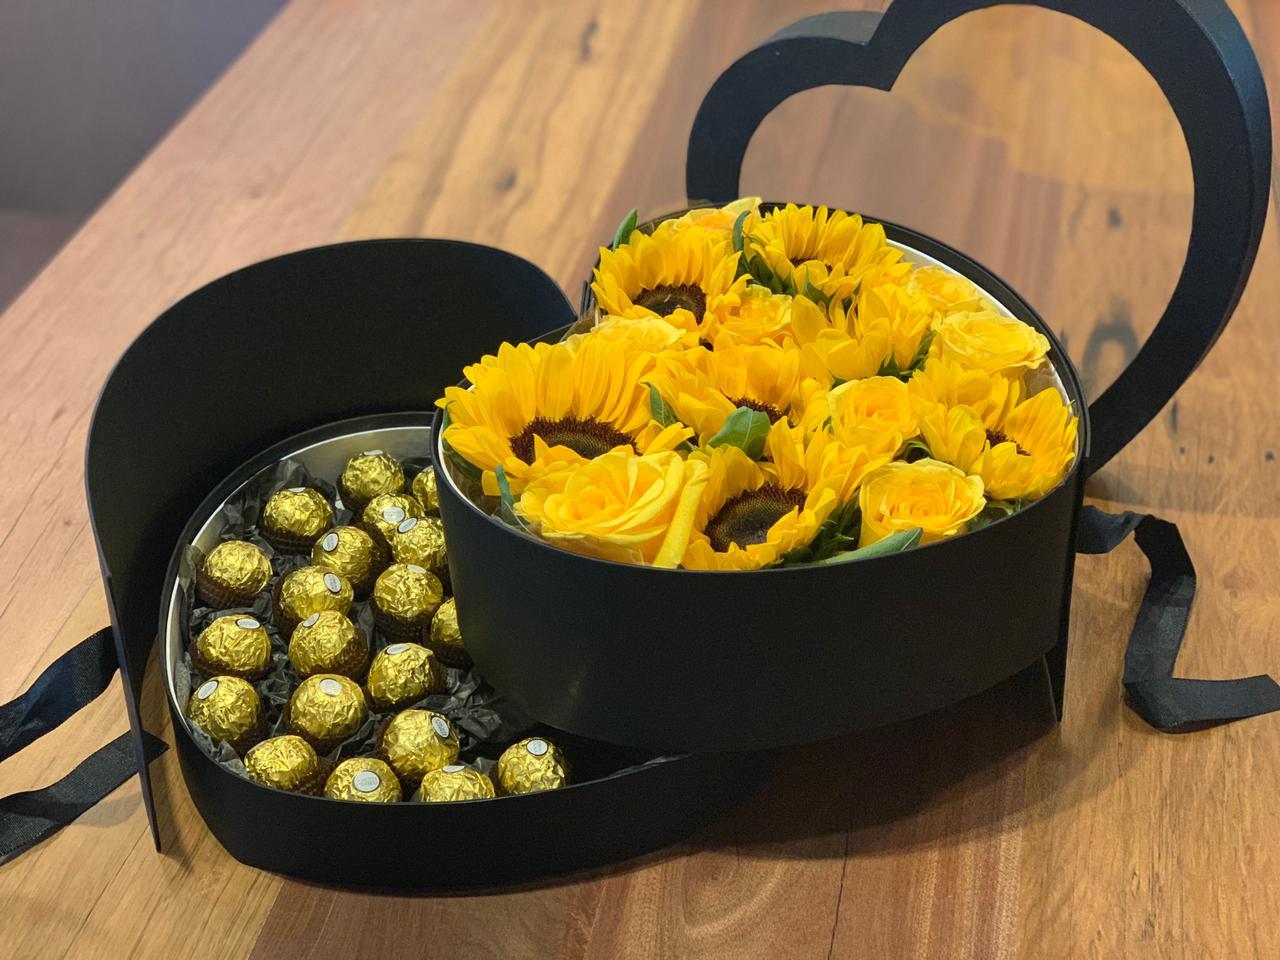 Caixa Box com Girassóis, Rosas e Chocolates